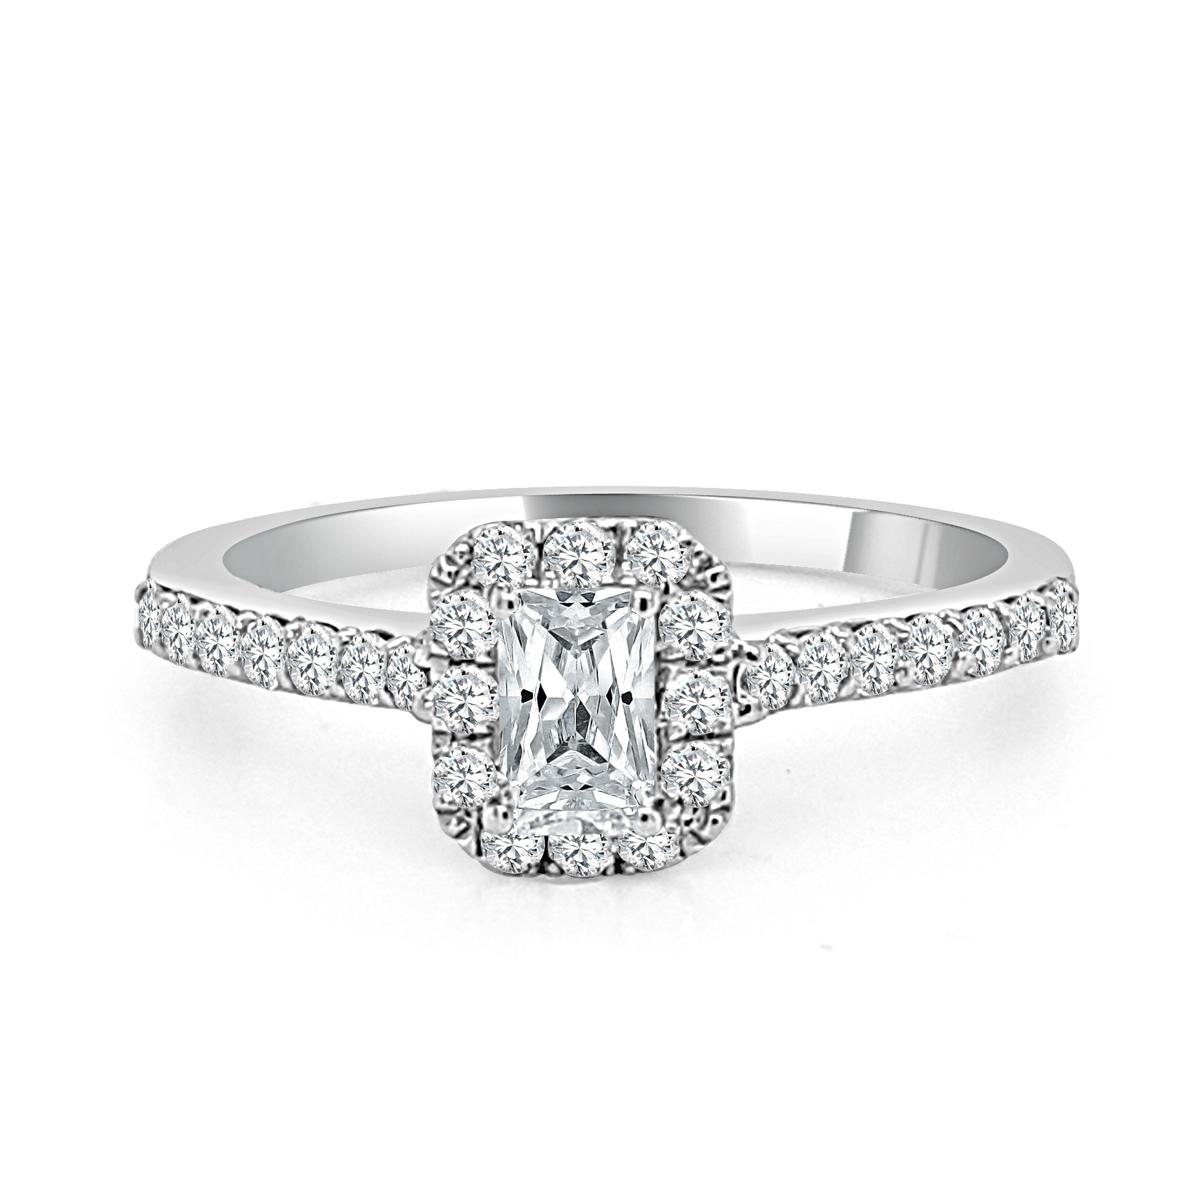 Paramount Gems 14 Karat White Gold Emerald Cut Diamond Bridal Ring